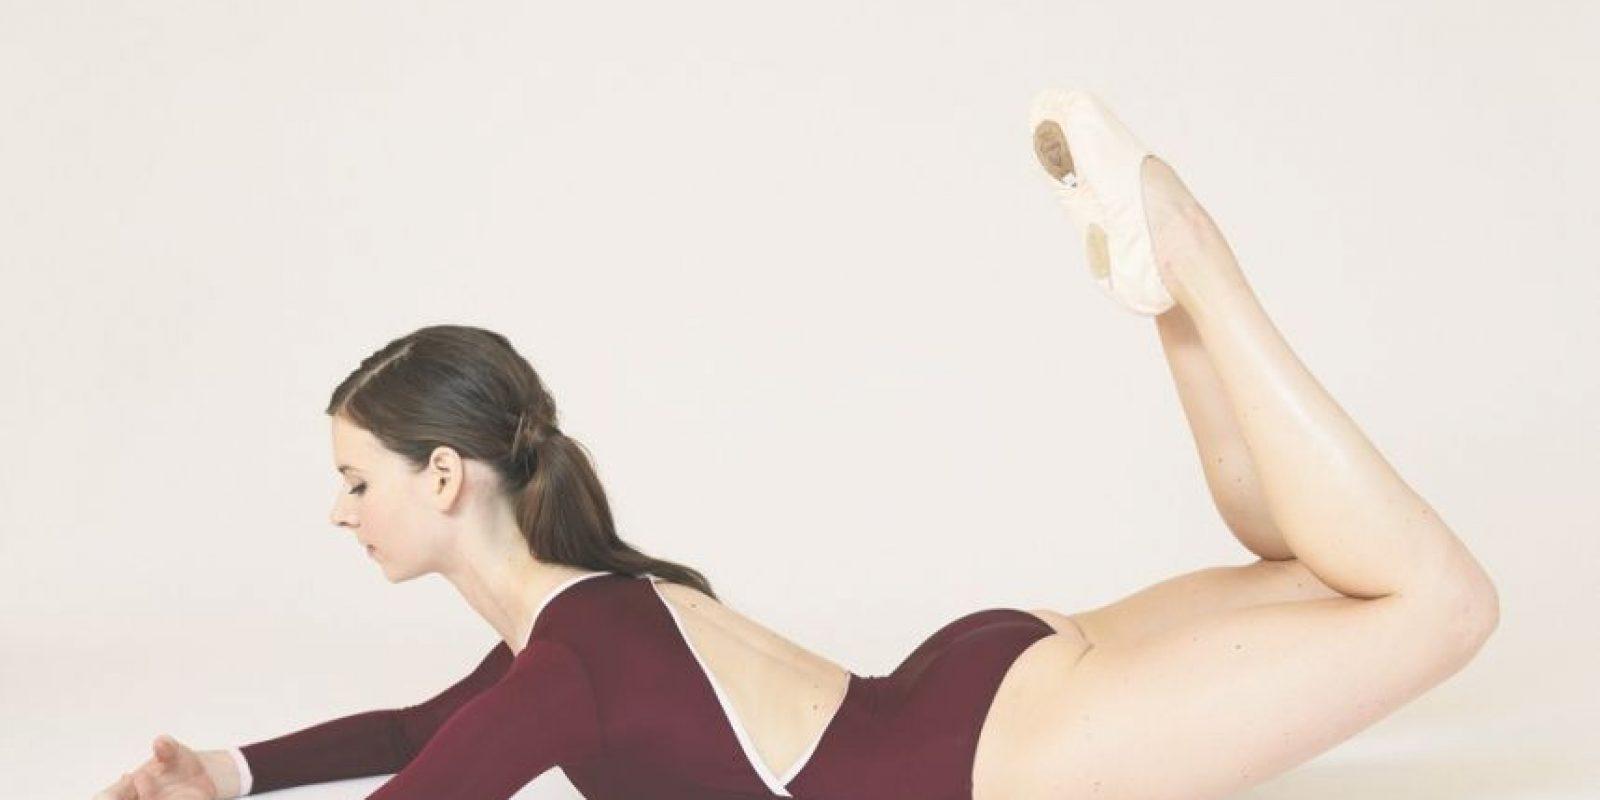 """3. Puente reverso. """"Me encanta este ejercicio para tonificar la parte posterior de las piernas y las nalgas, funciona de maravillas.""""Parte en tu estómago, con los brazos a los lados y las piernas estiradas a lo largo. Aprieta tu estómago para involucrar tu centro y abre a través del pecho, mientras traes tus brazos delante de tu cuerpo a la primera posición en la colchoneta. Dobla las rodillas y junta los talones. Mantén tu cuello largo y la mirada hacia abajo, levanta ligeramente a través de la espalda usando los músculos de las piernas, el estómago y el trasero para levantar ambas rodillas del suelo al puente reverso. Foto:Fuente externa"""